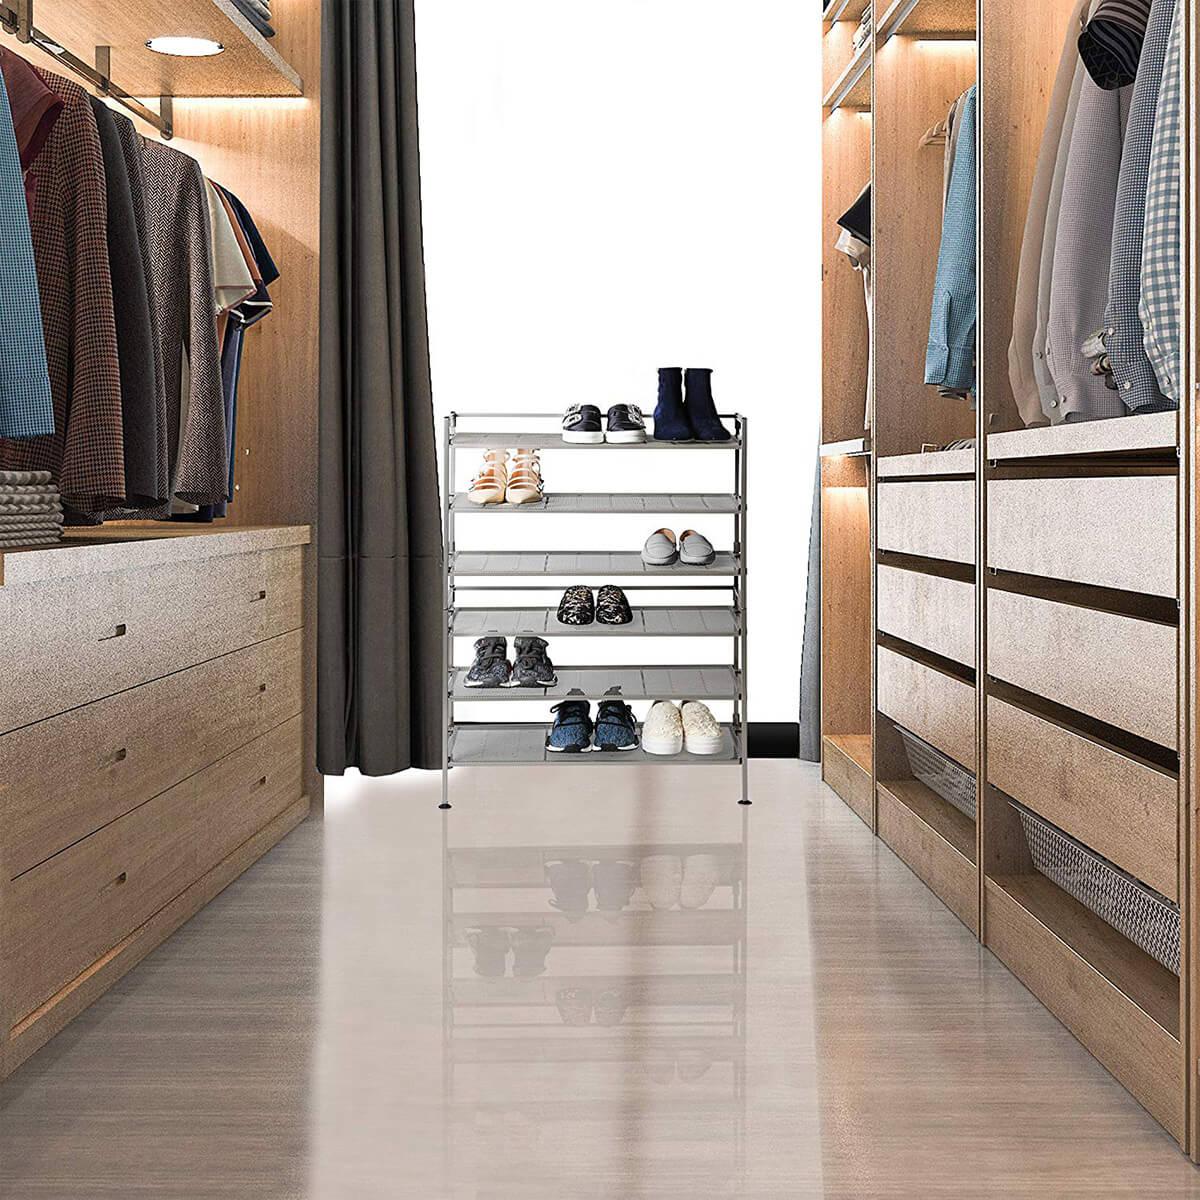 Способы организации пространства в вашем доме фото 2